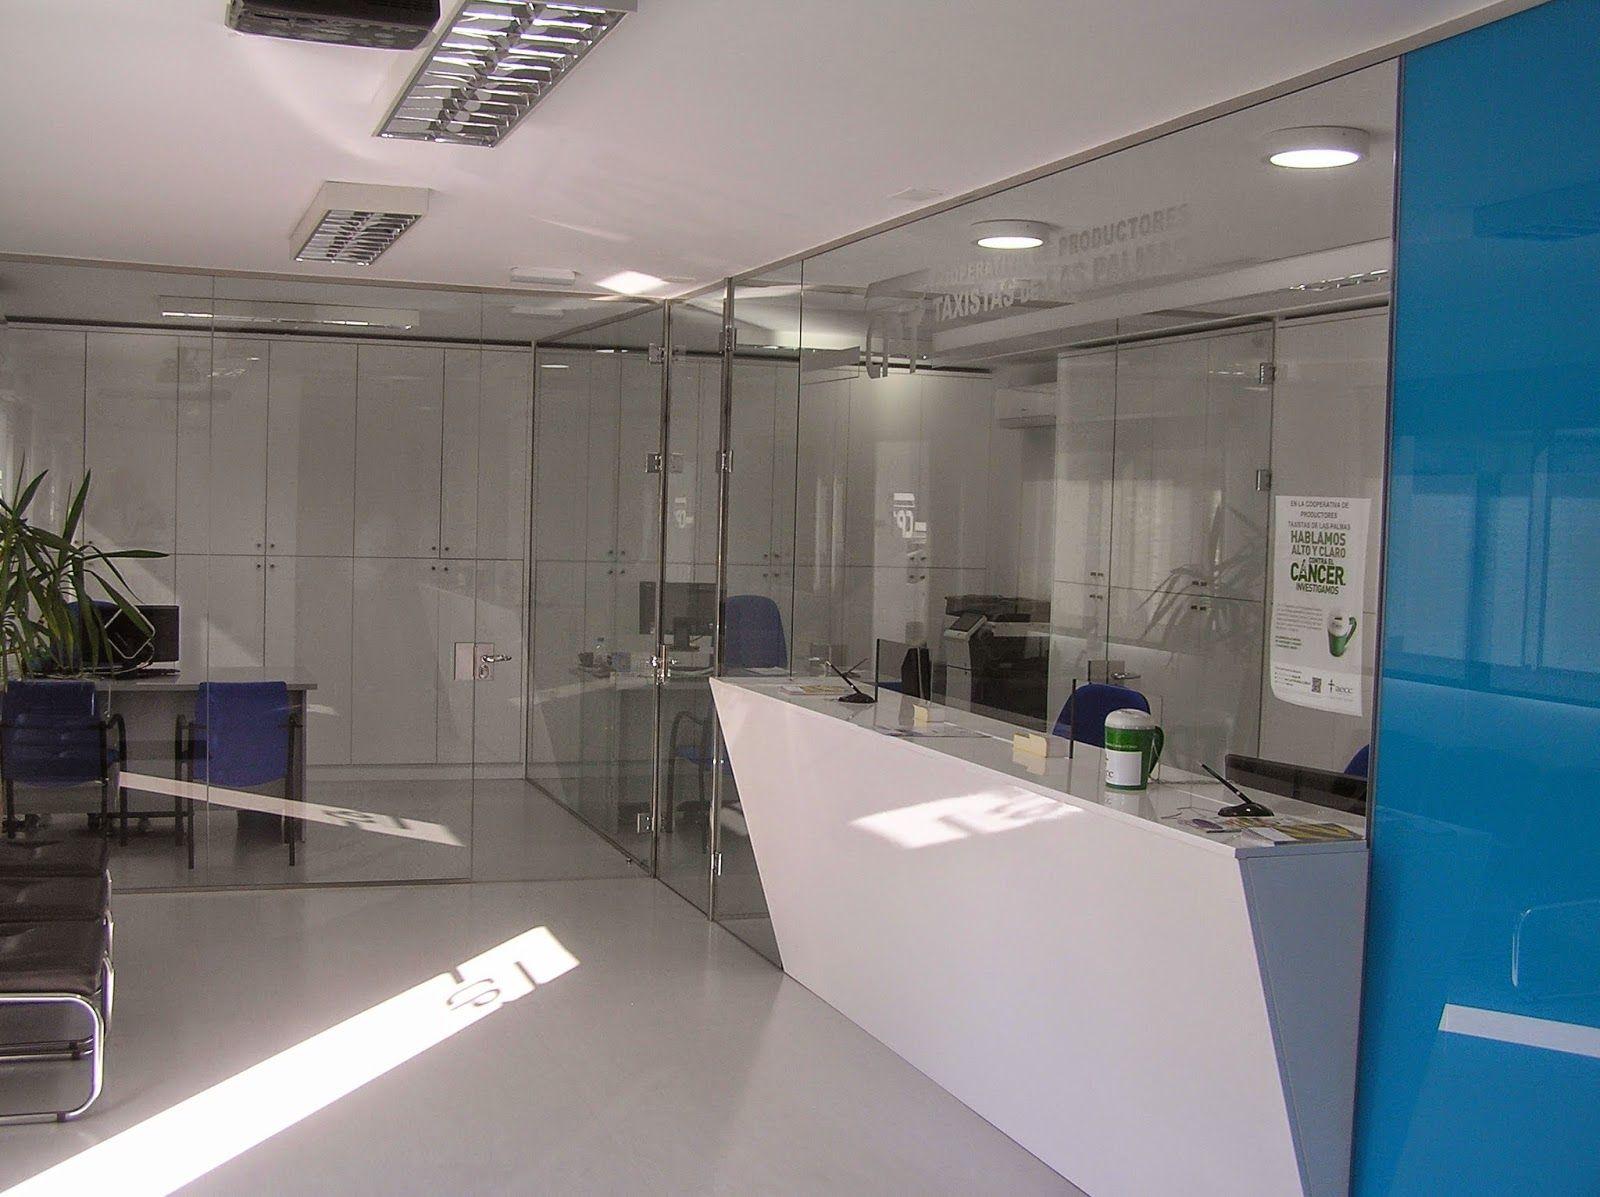 Manolo lorenzo interiores interiorismo oficinas for Interiorismo oficinas